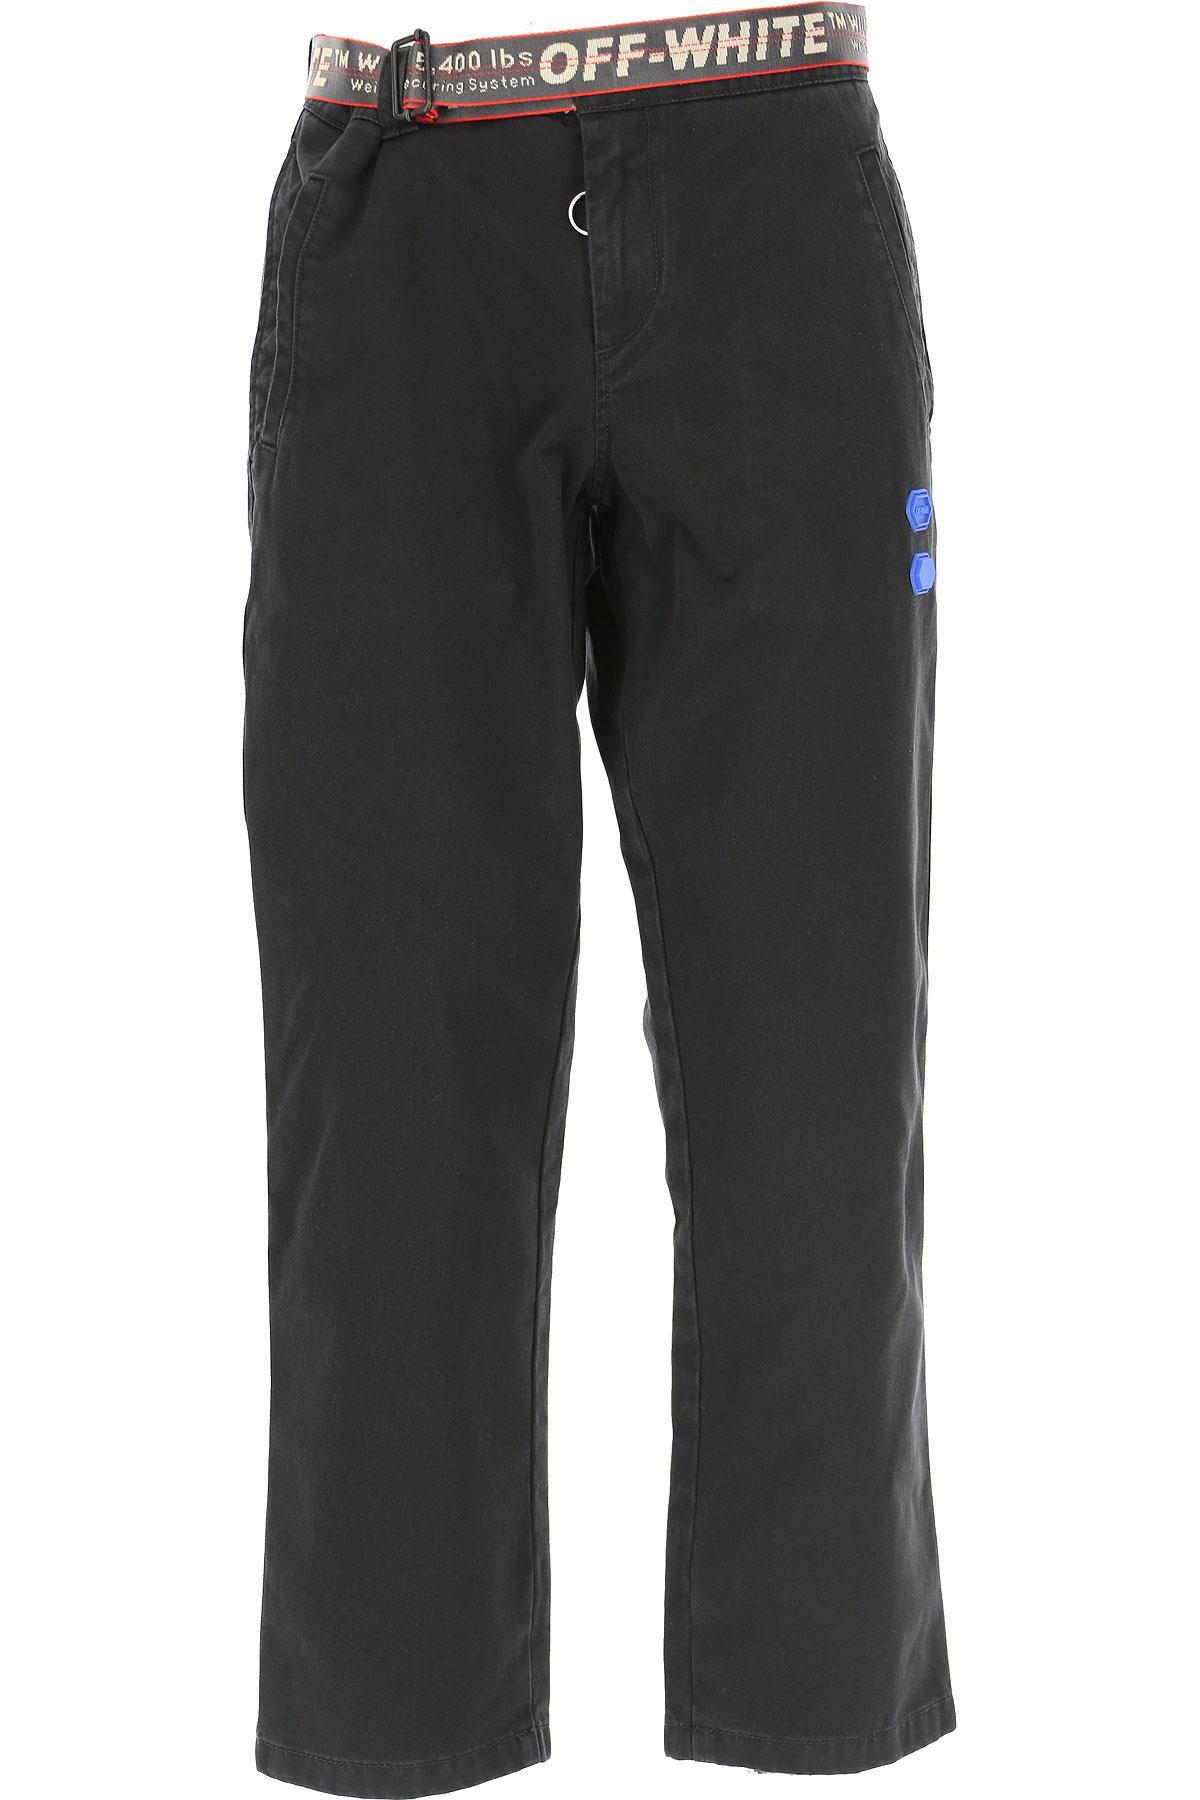 Off-White Virgil Abloh Jeans On Sale, Black, Cotton, 2019, 29 30 31 32